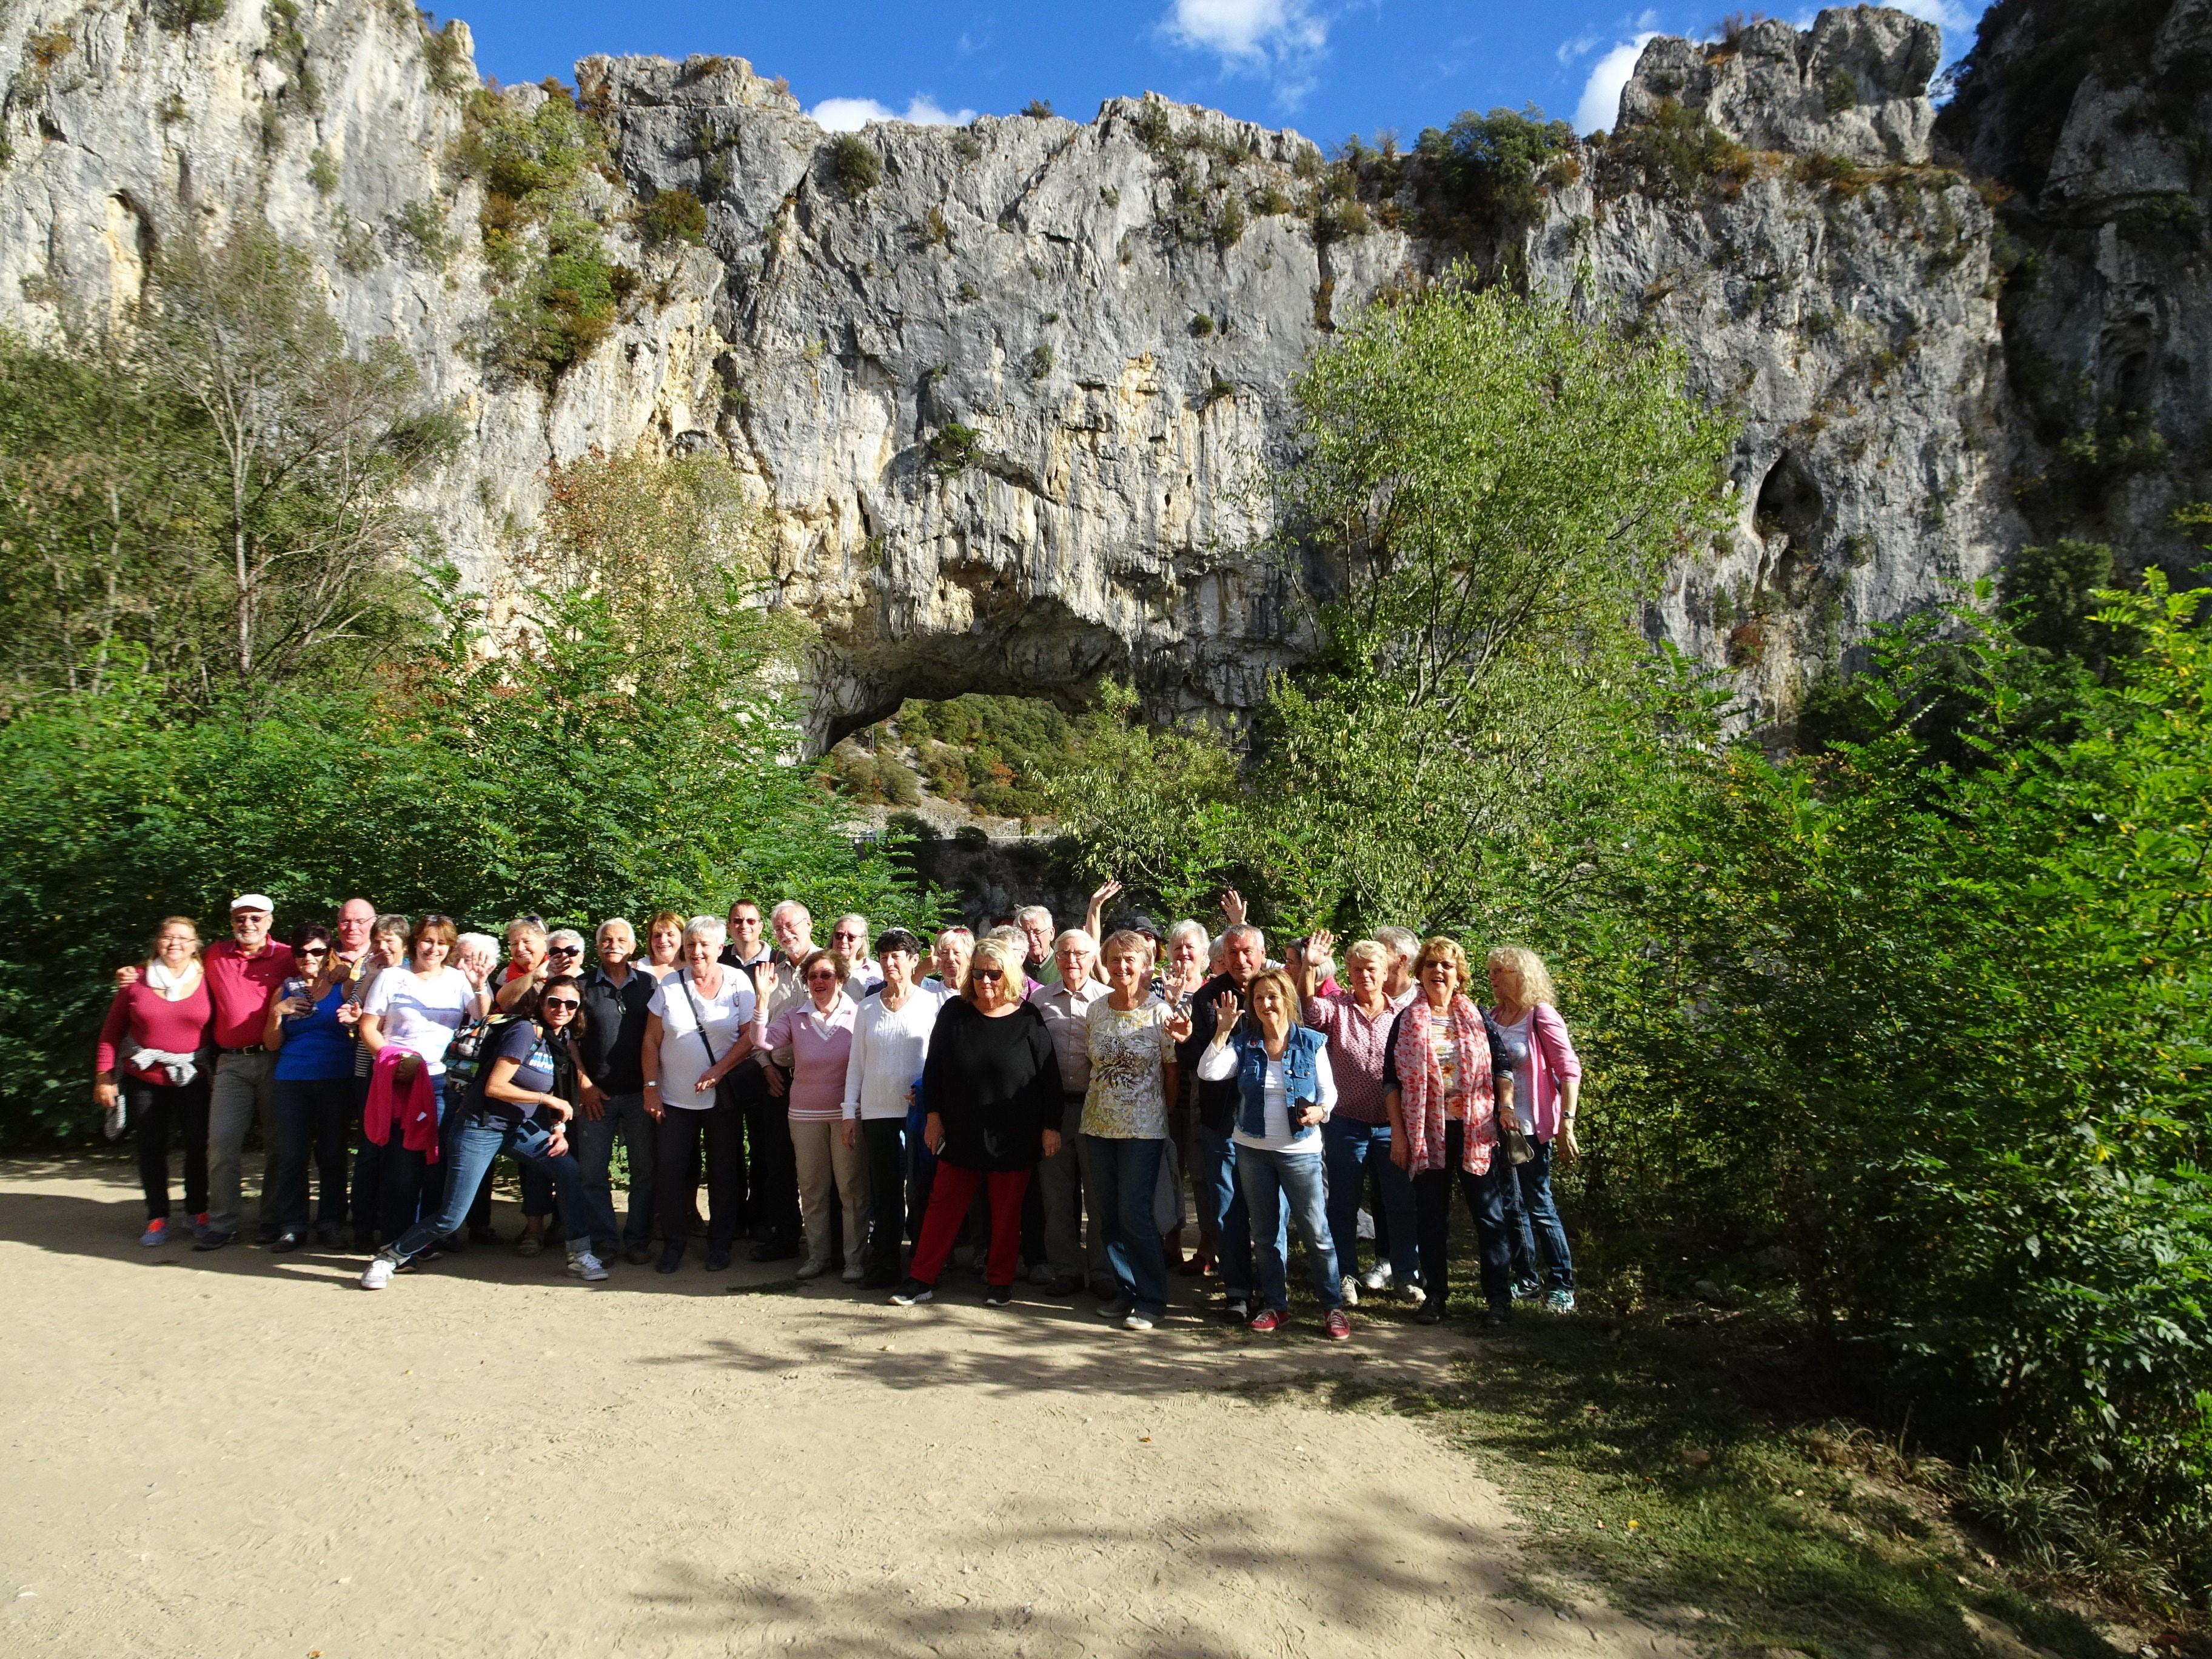 Bericht über die Busreise des Freundeskreises Städtepartnerschaft nach Vitrolles vom 7.-12.10.2017